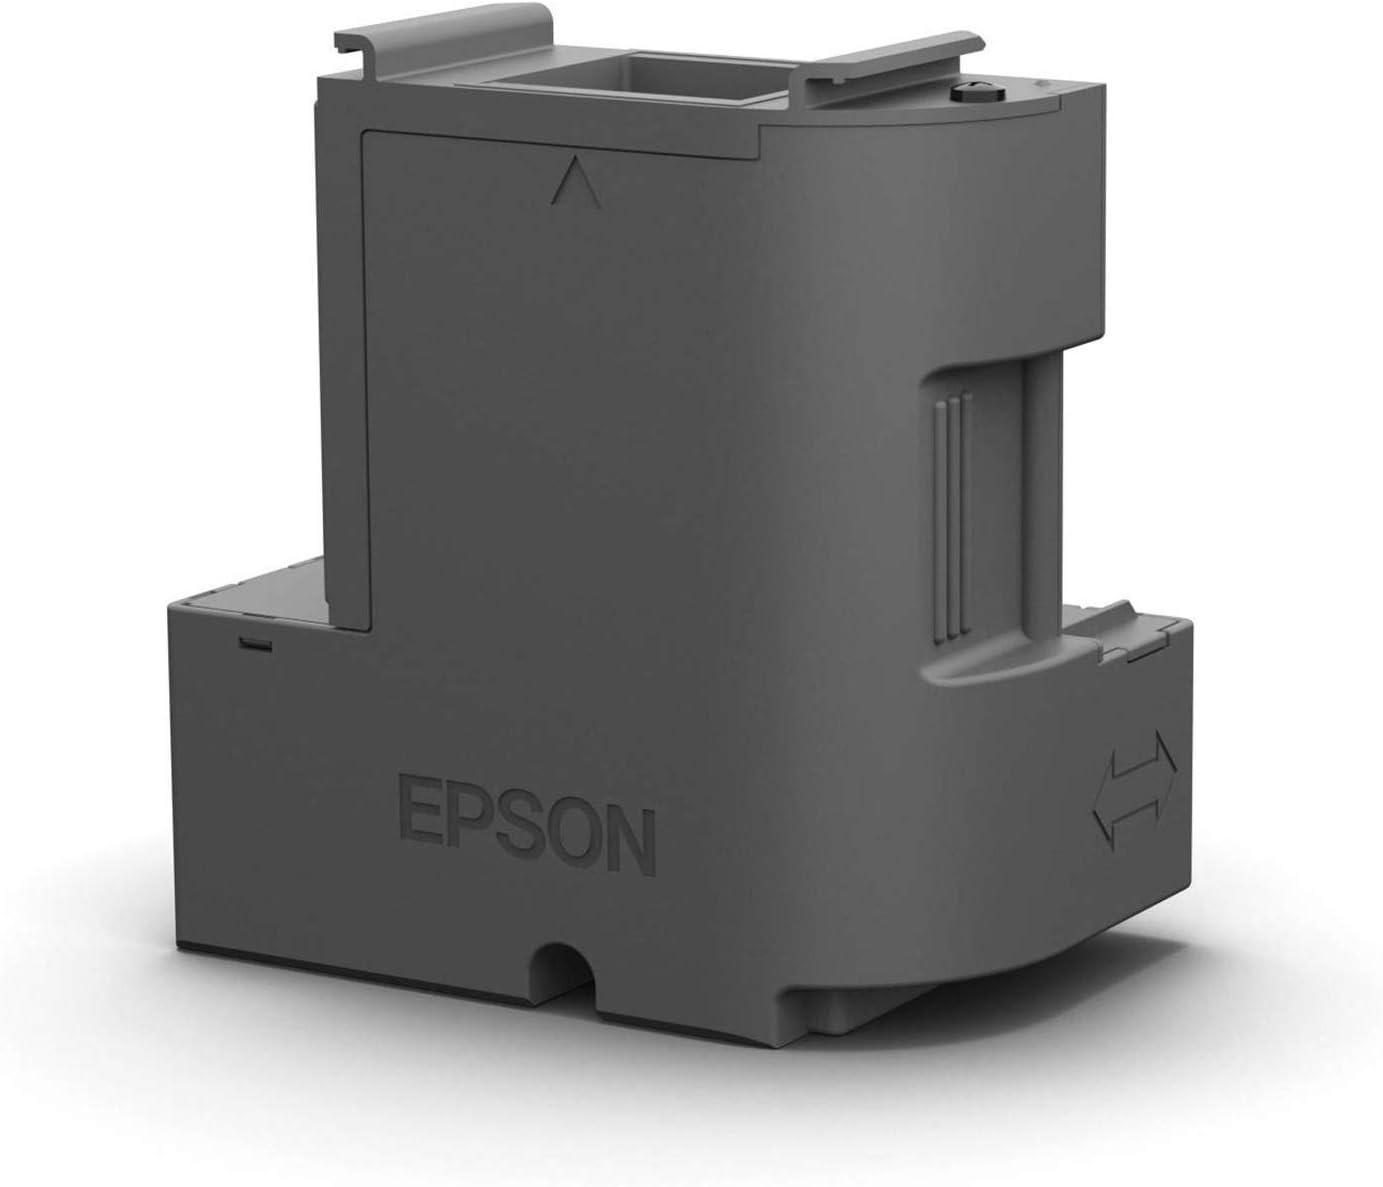 Epson C13T04D100 Xp5100 Cajas De Mantenimiento, Negro: Amazon.es ...